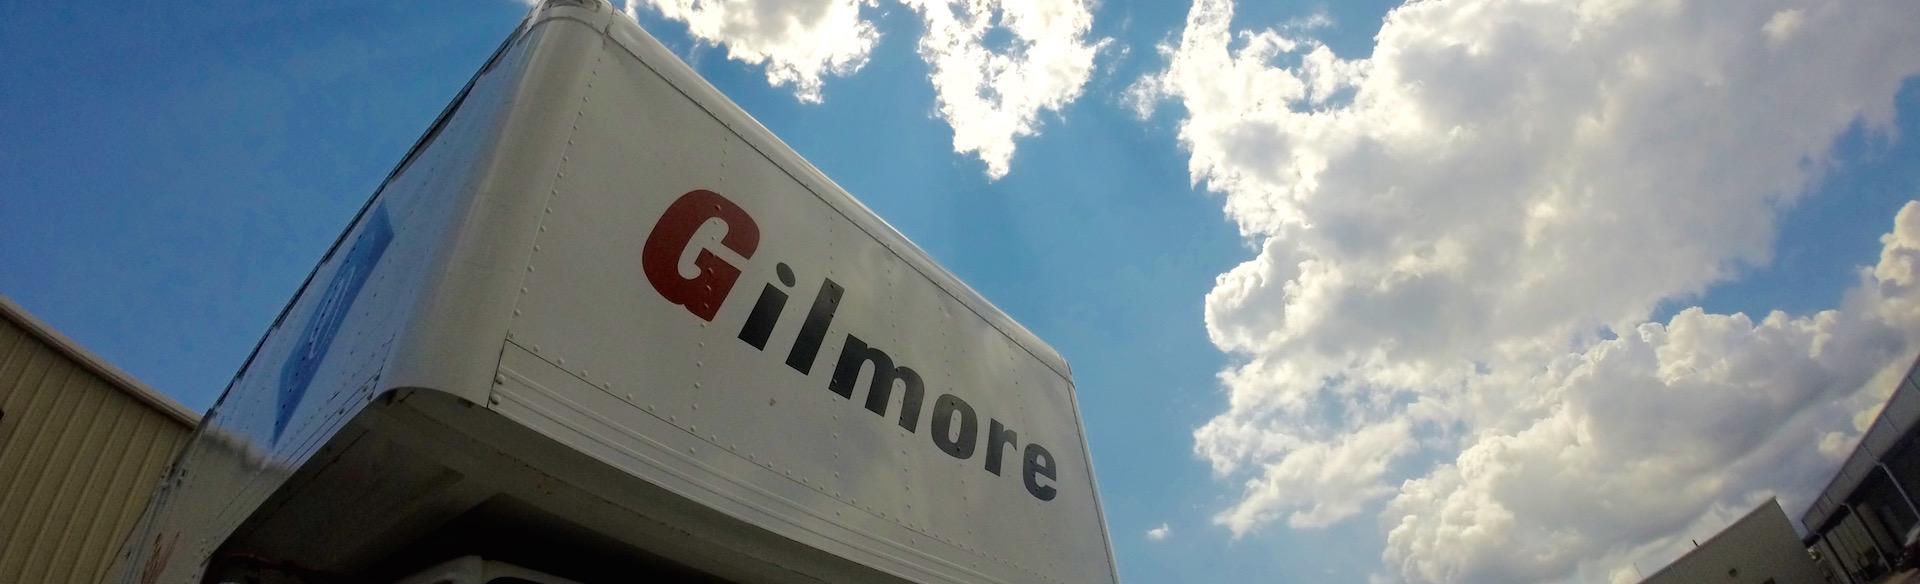 Gilmore_cover.jpg